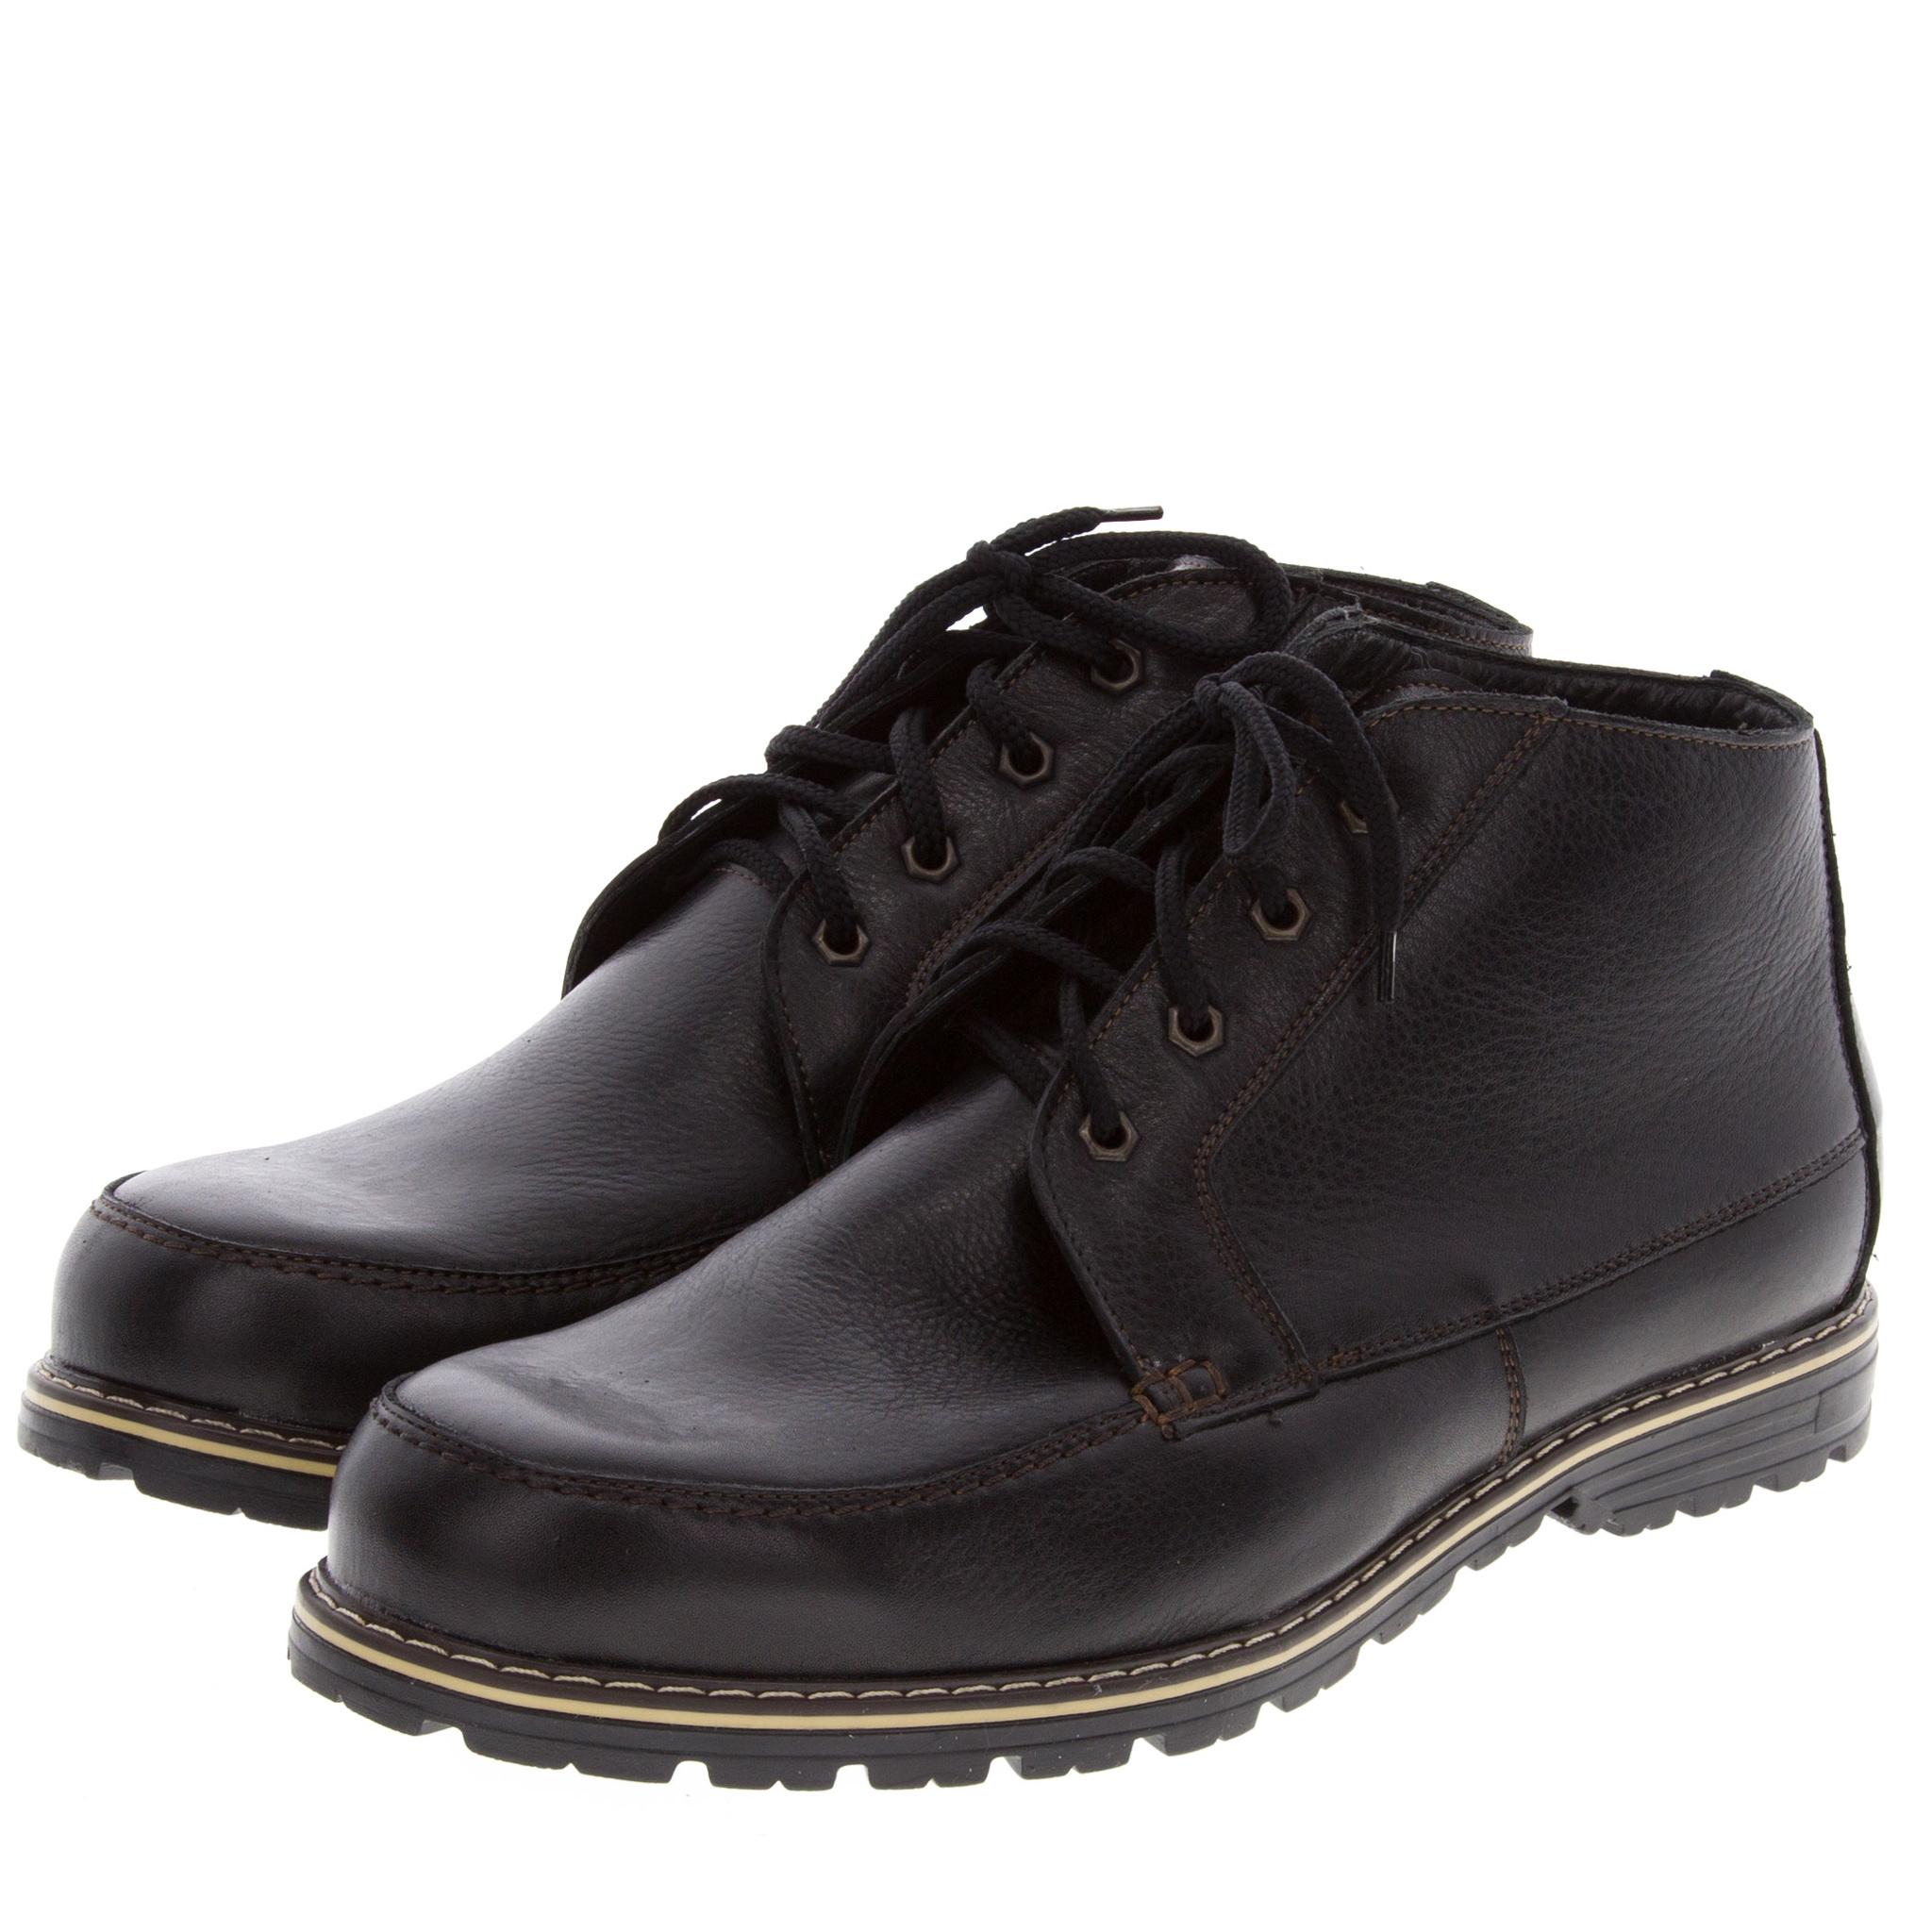 520478 ботинки мужские больших размеров марки Делфино